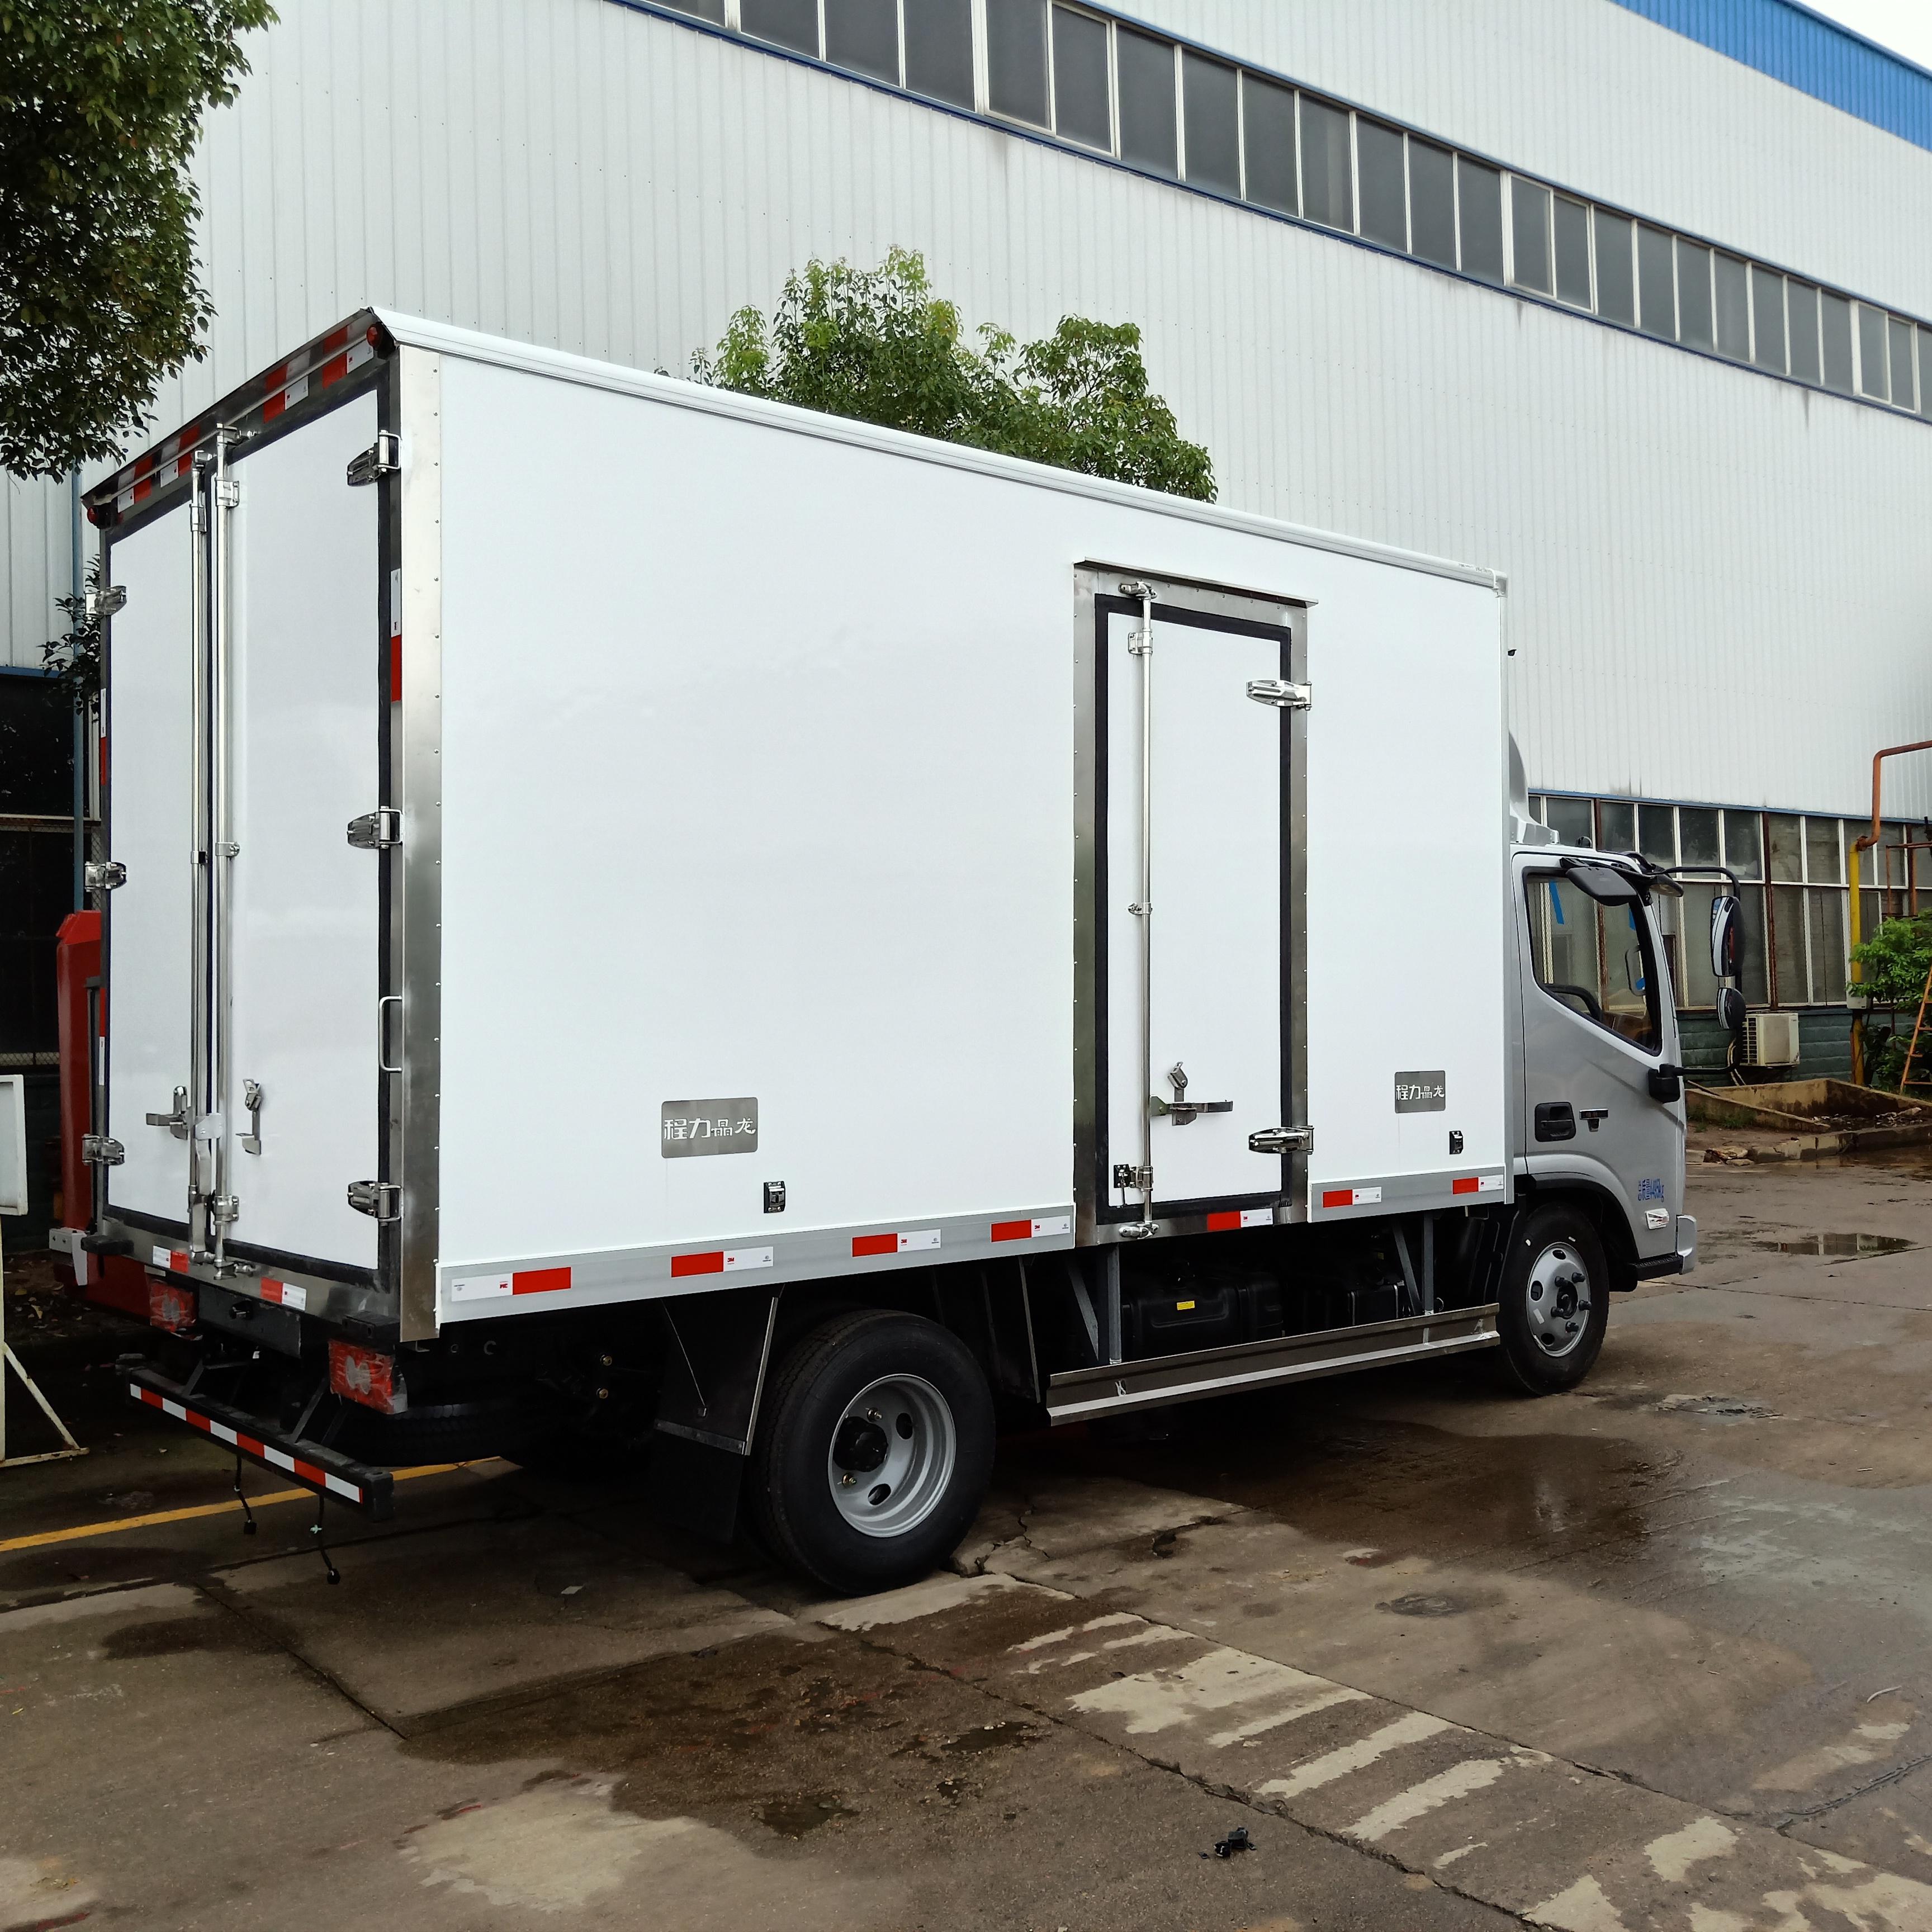 冷藏车品牌 冷藏车价格 冷藏车厂家图片